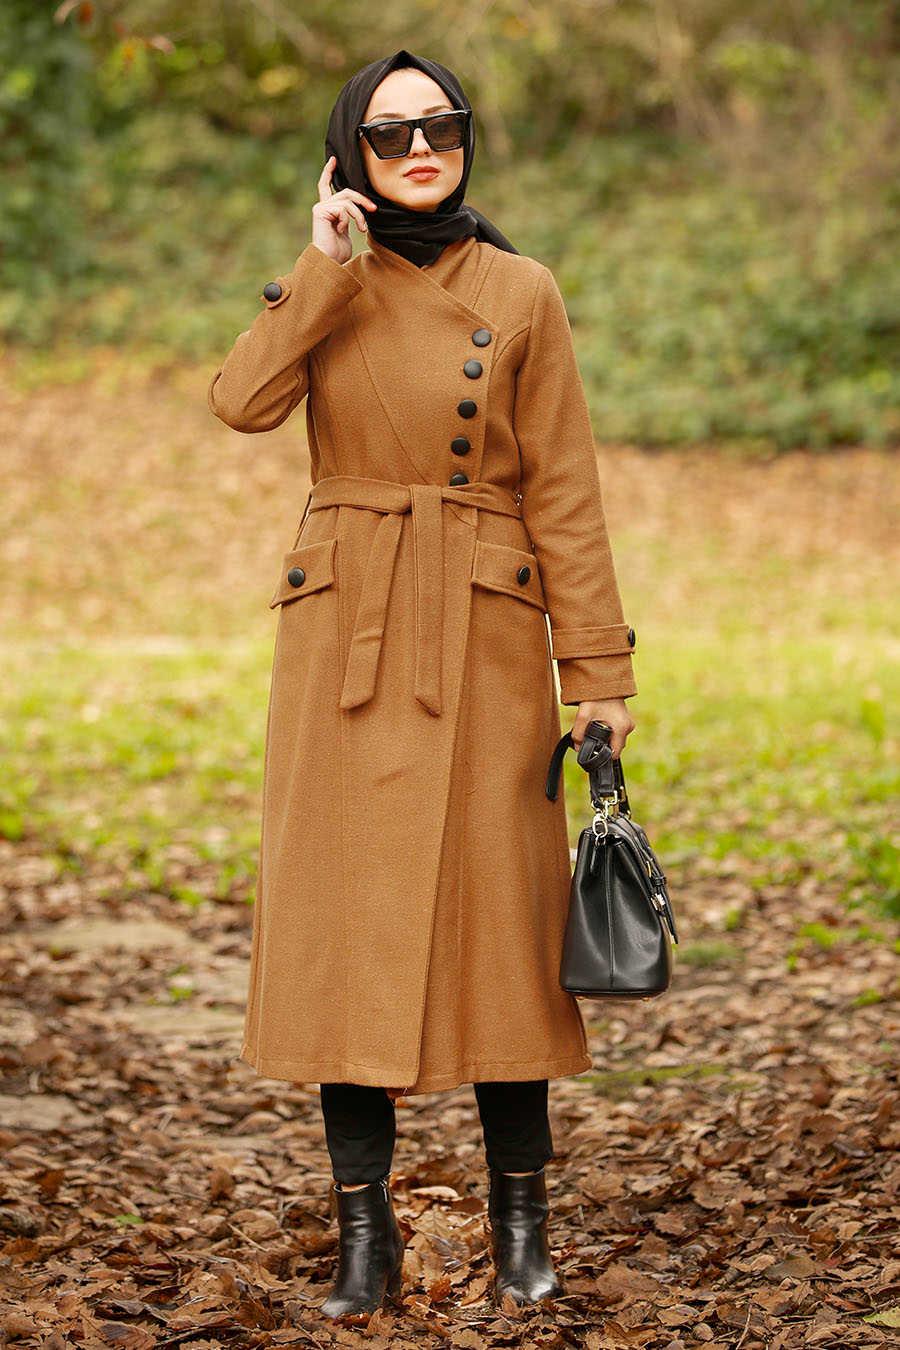 Neva Style - Snuff Colored Hijab Coat 4420TB